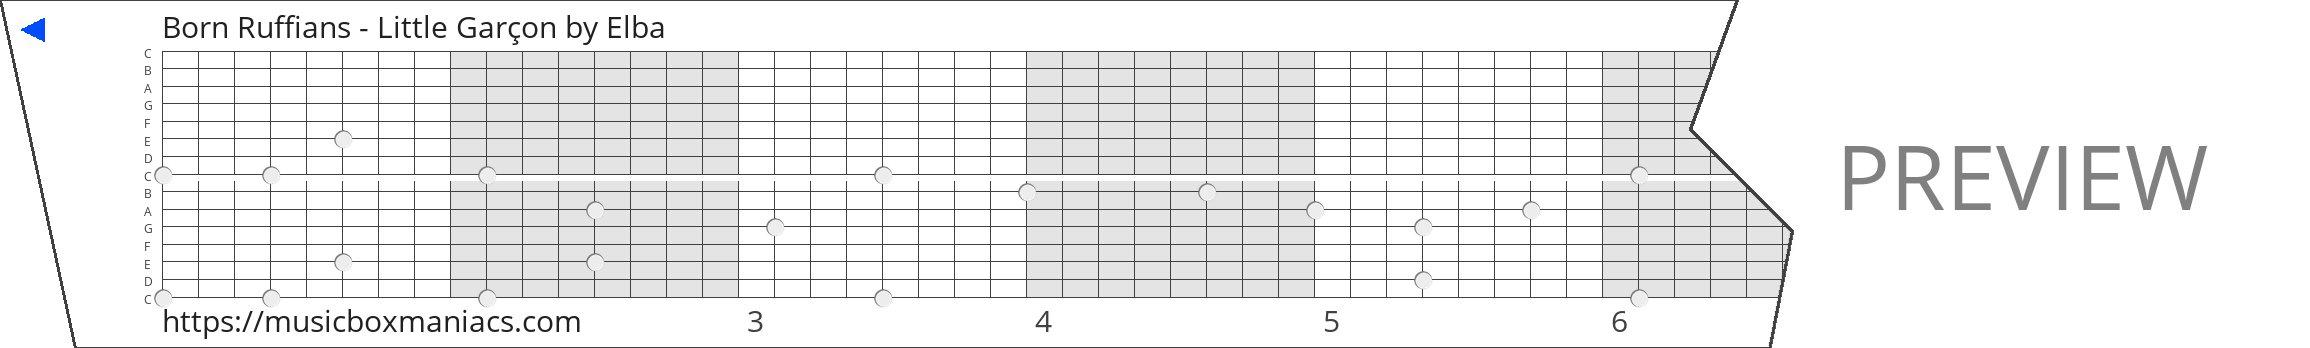 Born Ruffians - Little Garçon 15 note music box paper strip